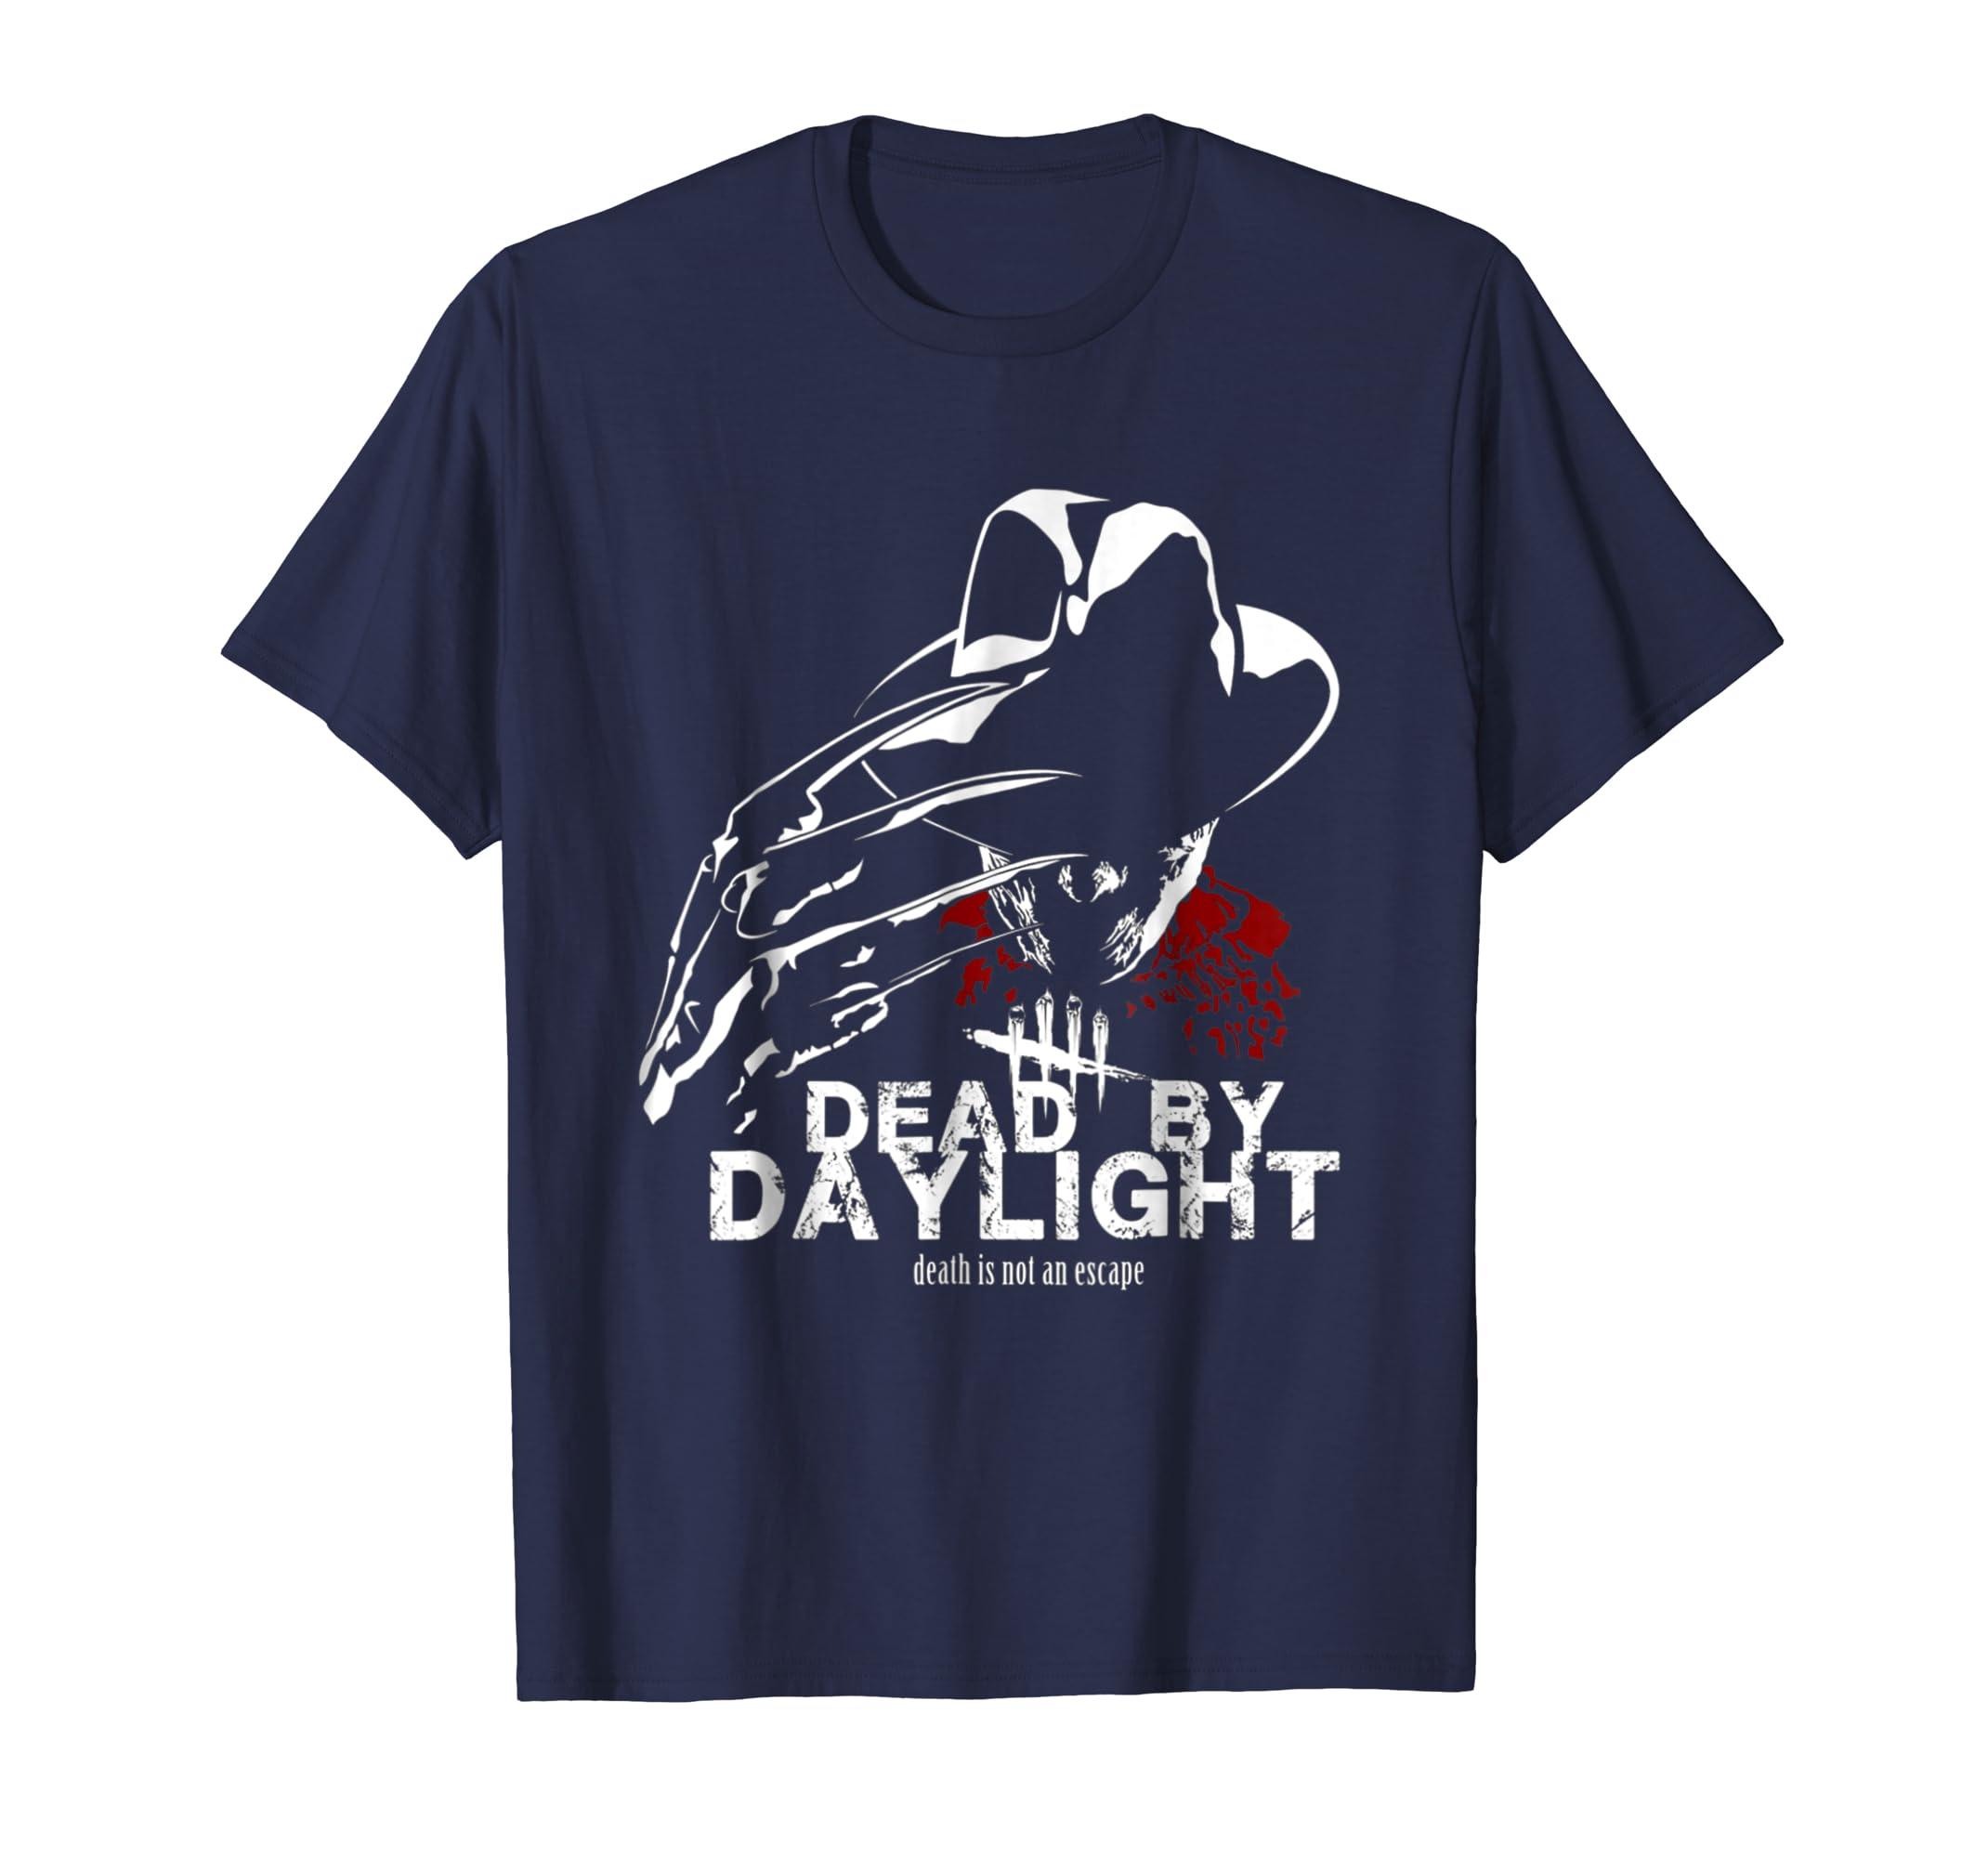 Dead by daylight-azvn